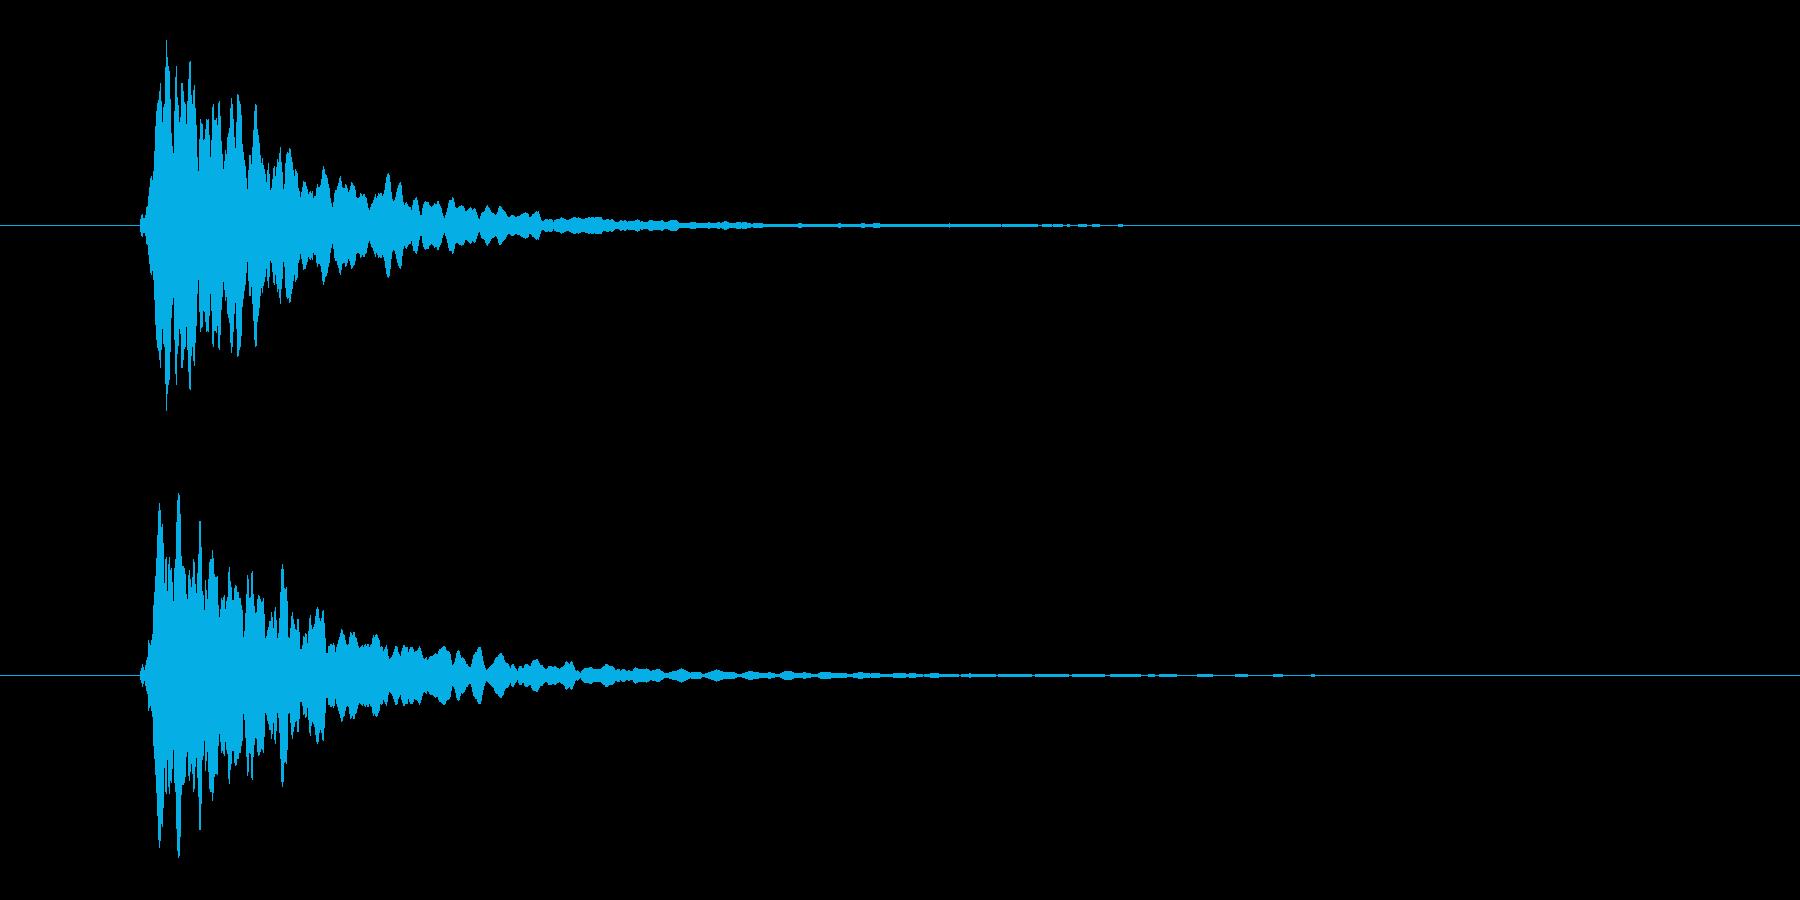 ピーン、テロップ音、シンプル、座布団の再生済みの波形